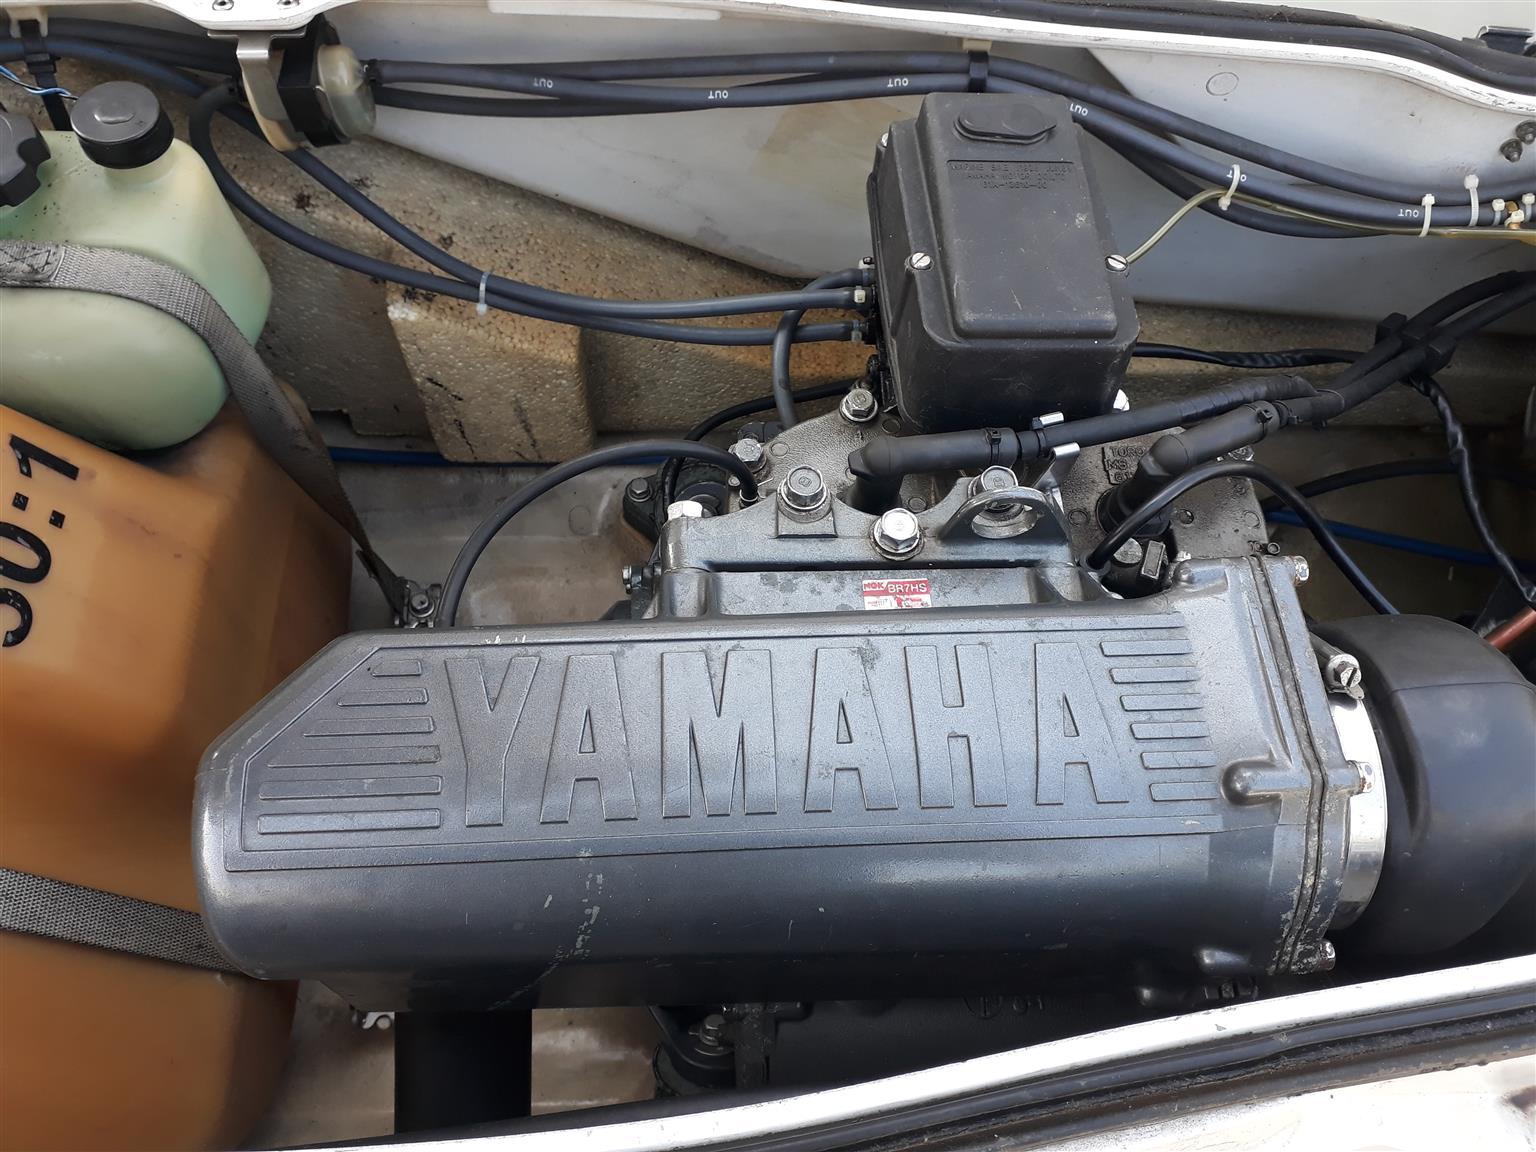 Yamaha Wave rider 700